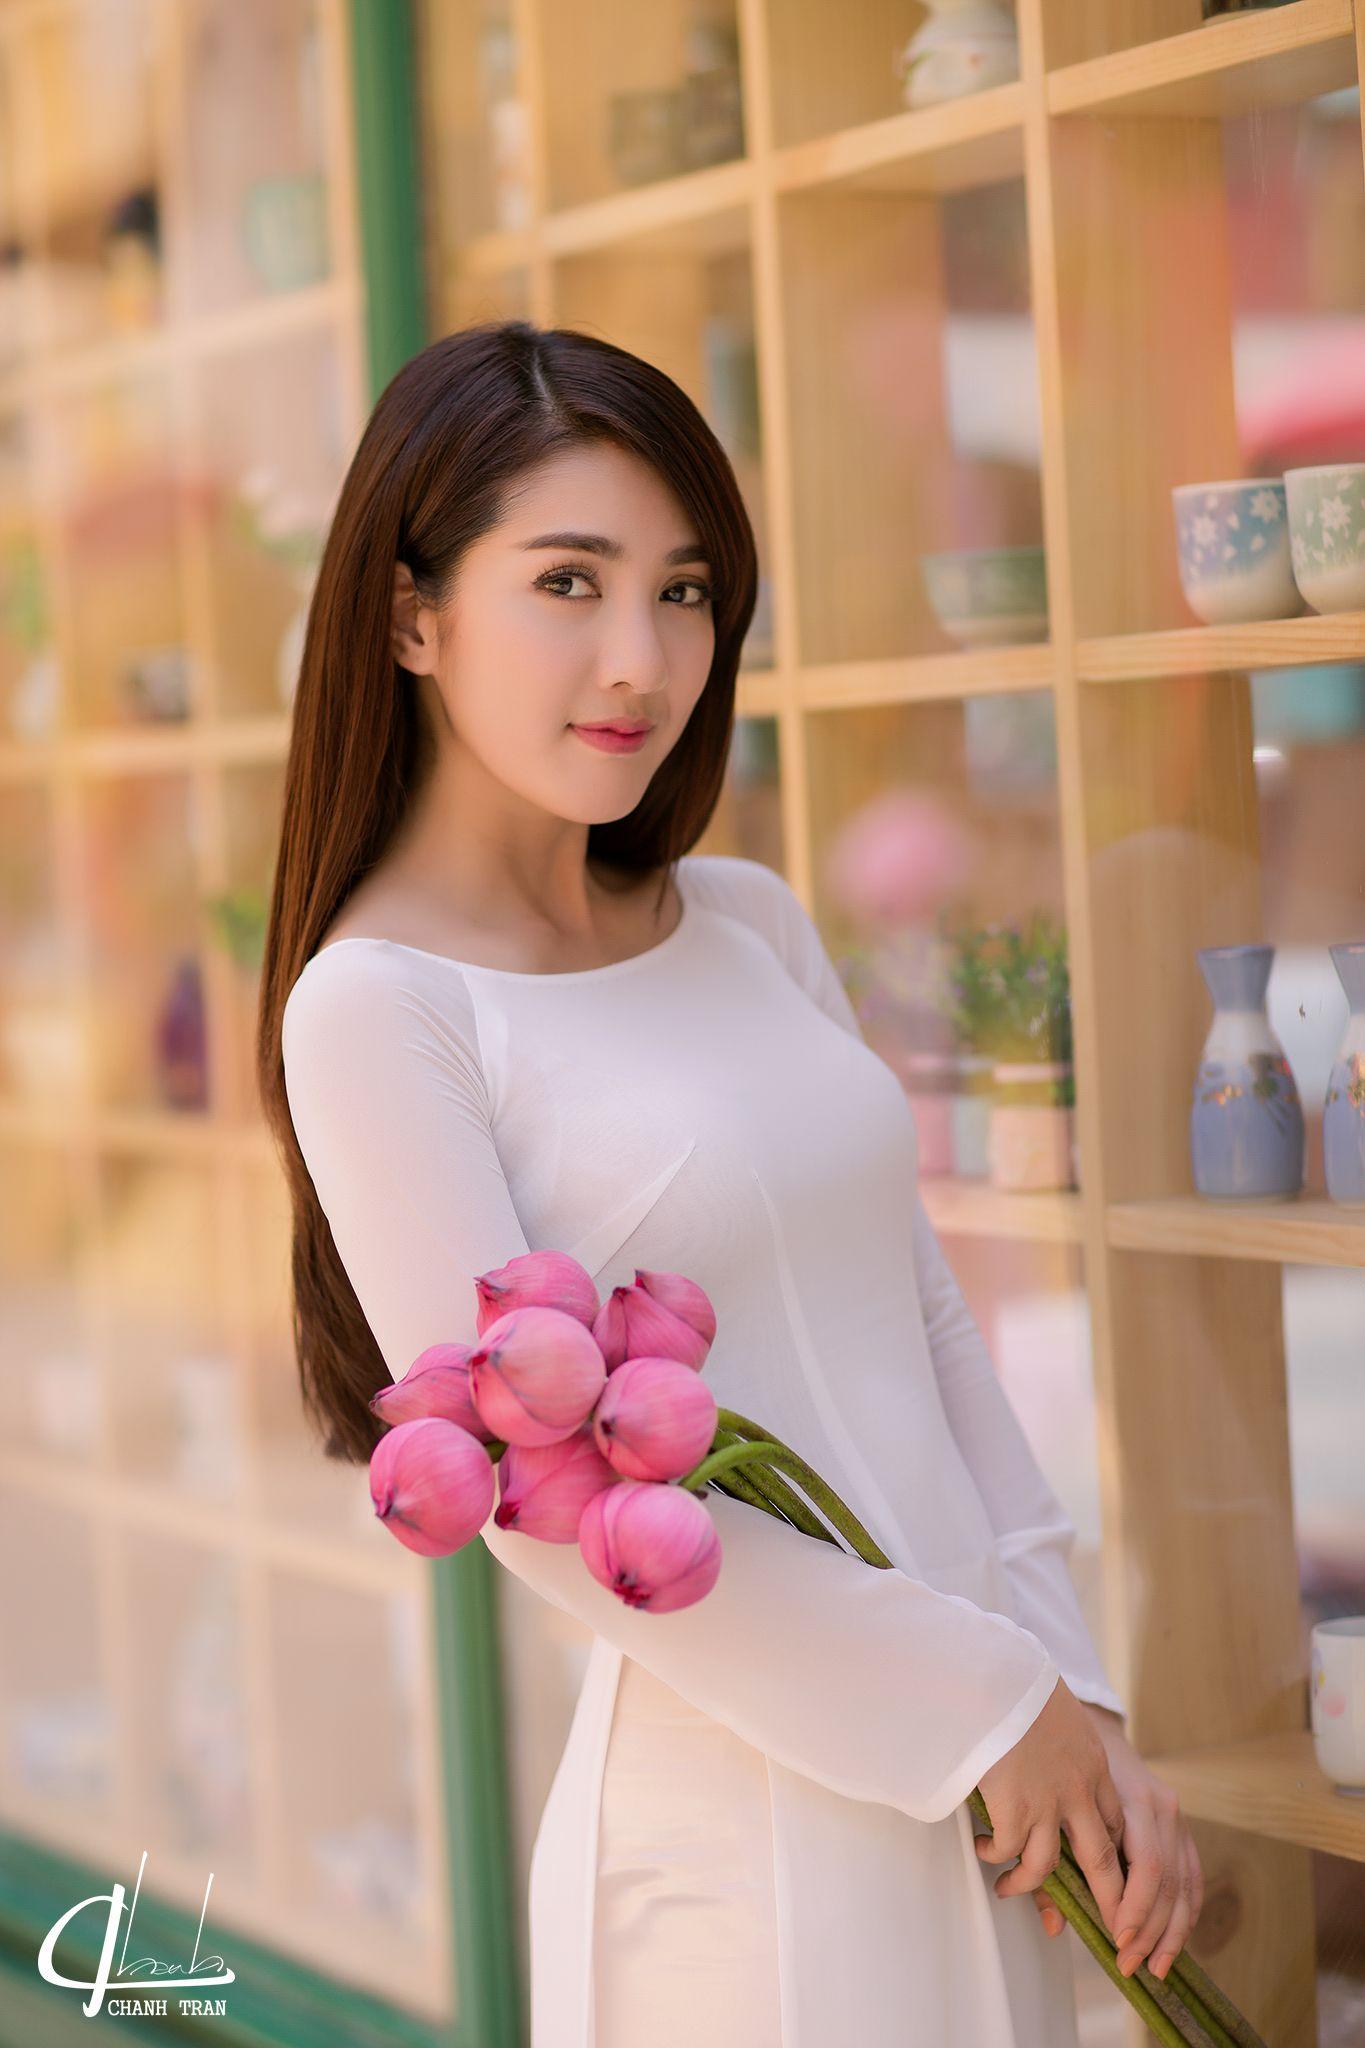 229c3858 Pin by Ha on Ao Dai | Femenina, Belleza, Belleza femenina